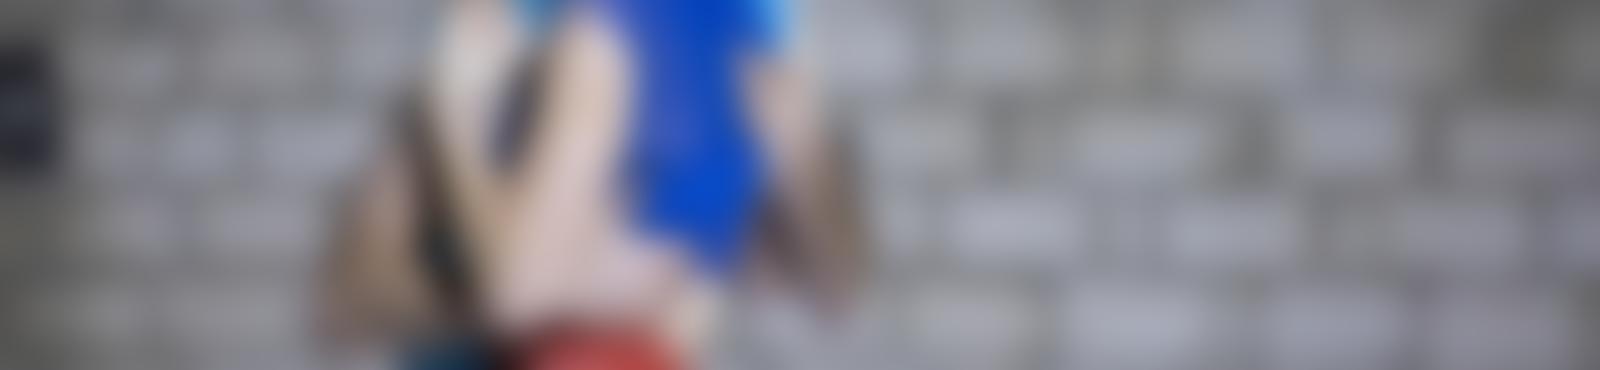 Blurred 26fd158d 95d7 486e 9e98 d69c5b4cf0ba